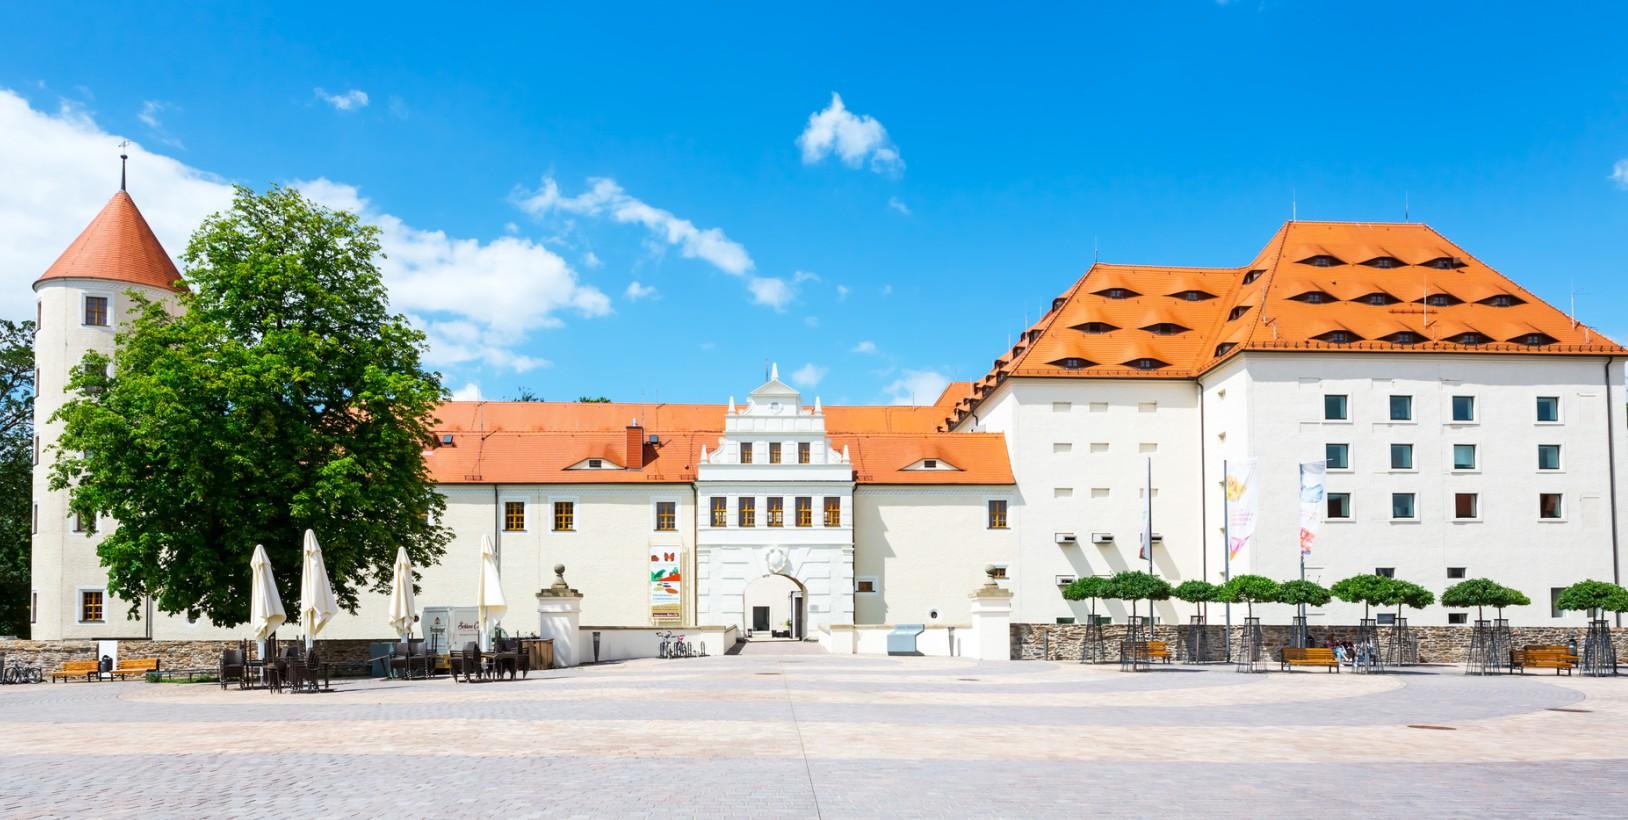 Es ist schon ein sehr bekanntes Ausflugsziel, das Schloss Freudenstein in Freiberg in Sachsen. Touristen kommen von weit her um das Schloss zu sehen. (#1)